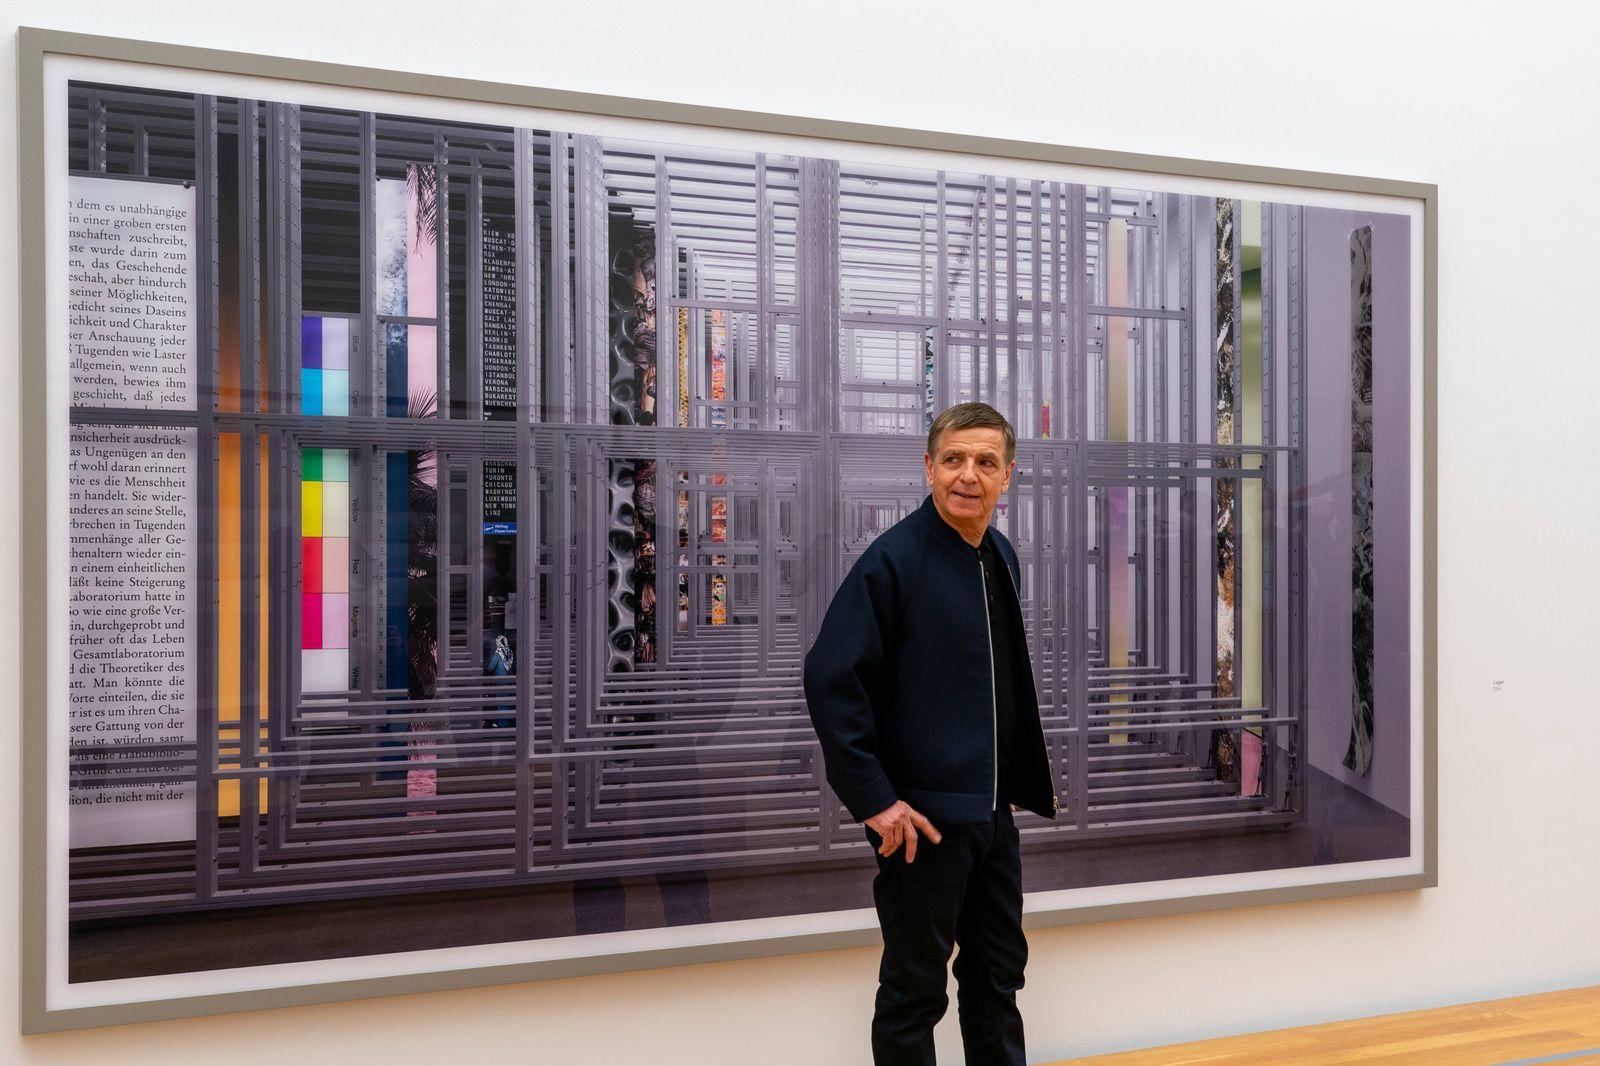 Der Fotograf Andreas Gursky steht vor seinem Werk Lager (2014) im Museum der bildenden Künste (MdbK) in Leipzig. Das Md